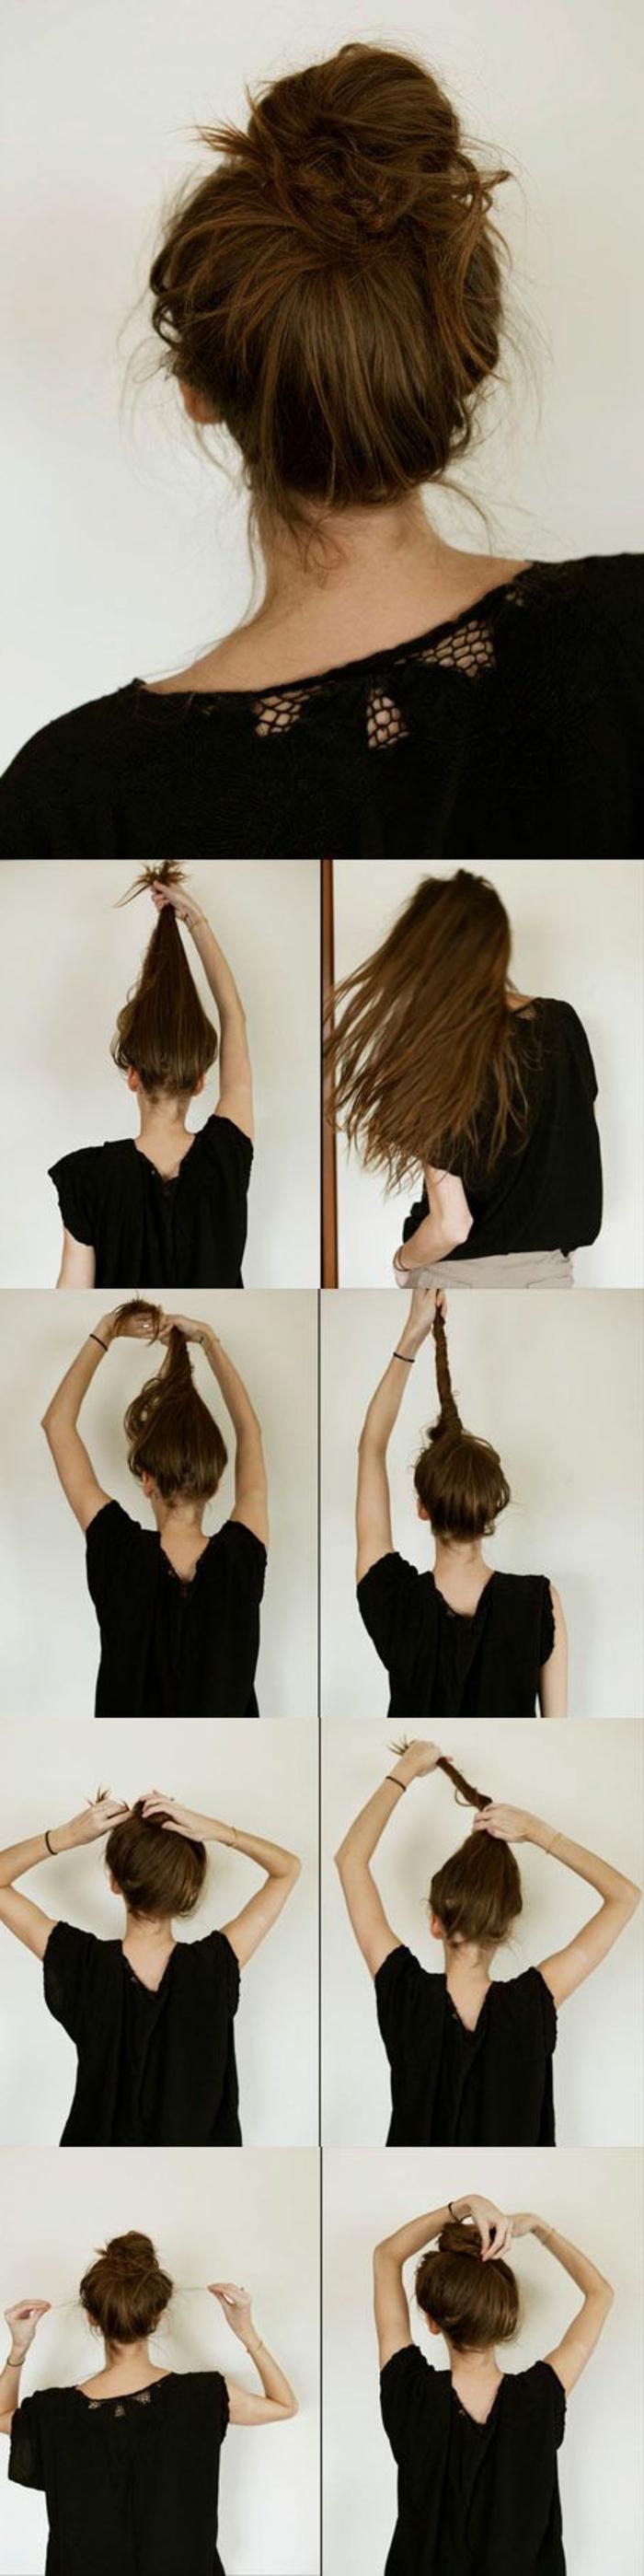 chignon facile à faire, chignon placé en haut de la tête sur cheveux très longs